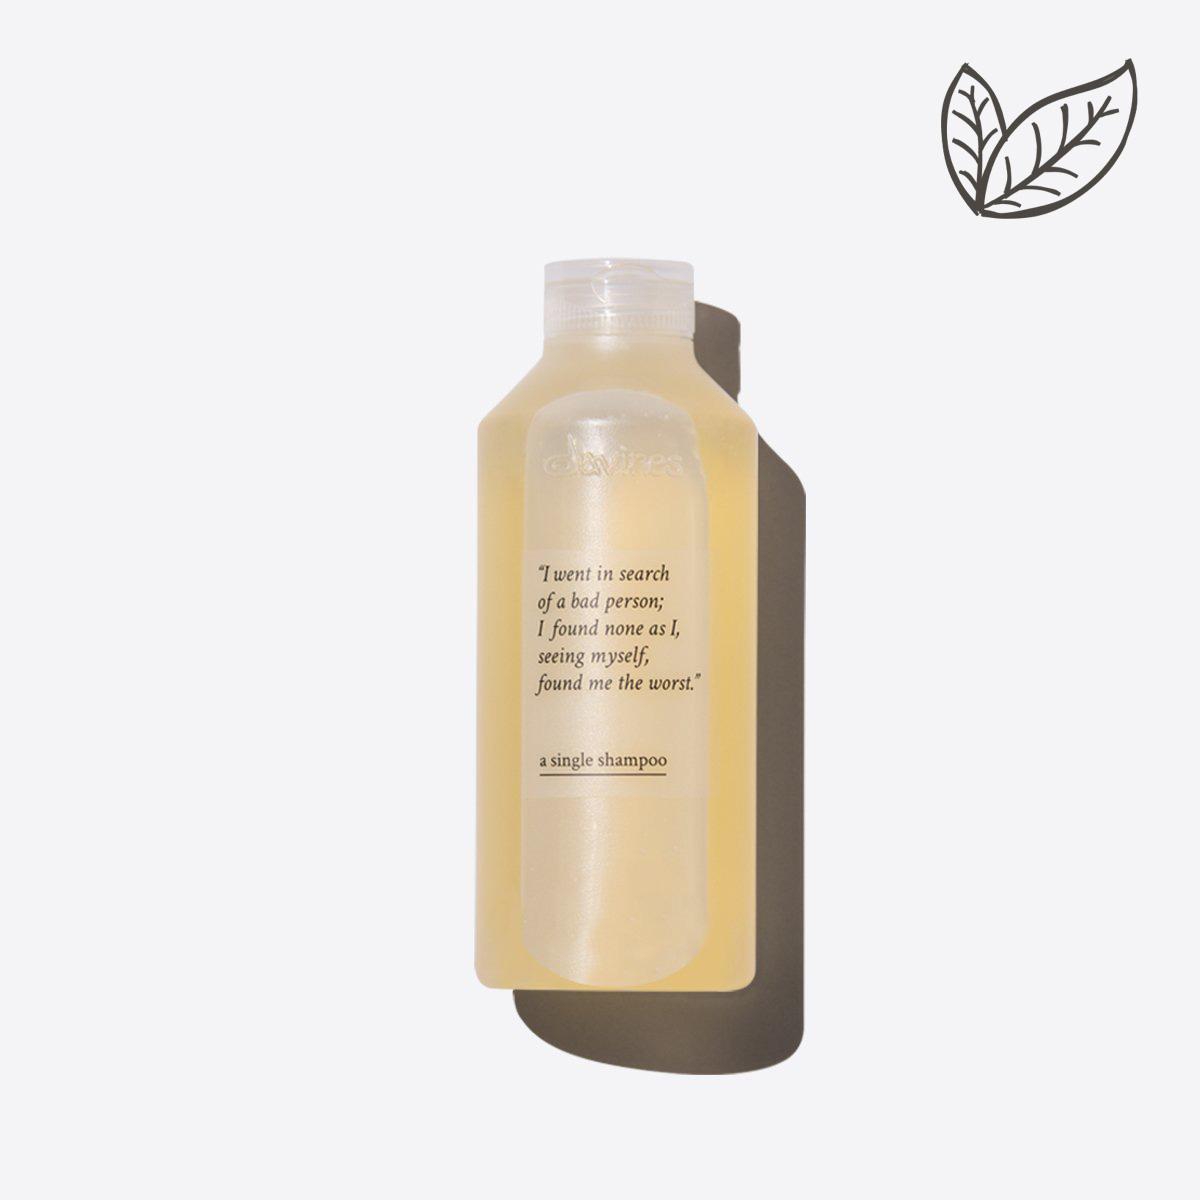 Davines A Single Shampoo, 250ml